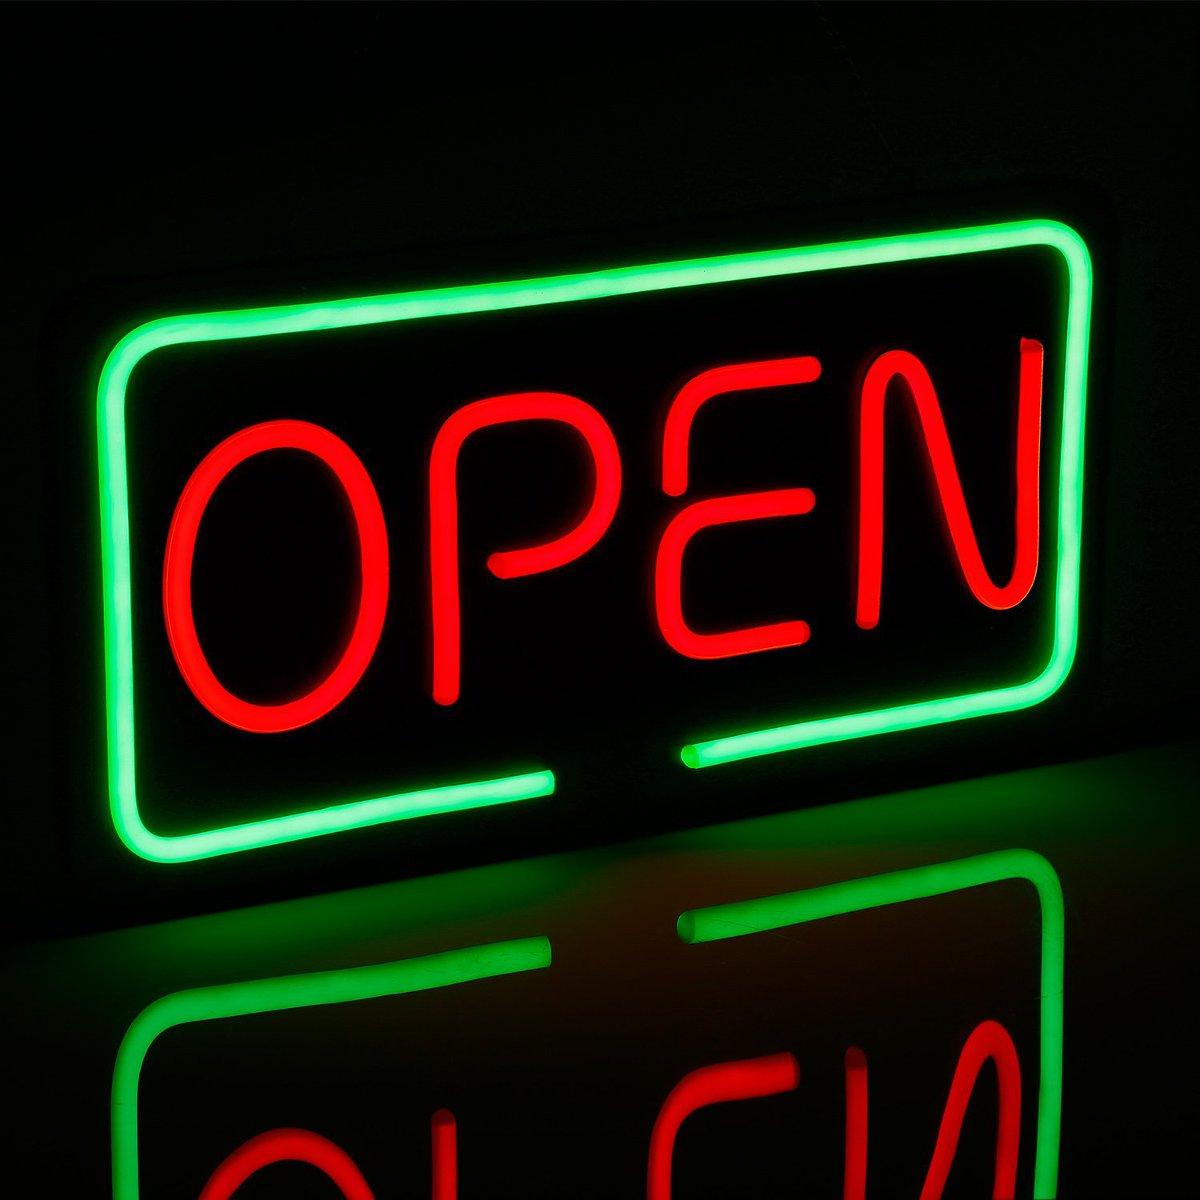 LED enseigne au néon ouverte barre suspendue magasin de fête illustration visuelle lampe décoration néon lumière panneau 50X25 cm éclairage Commercial